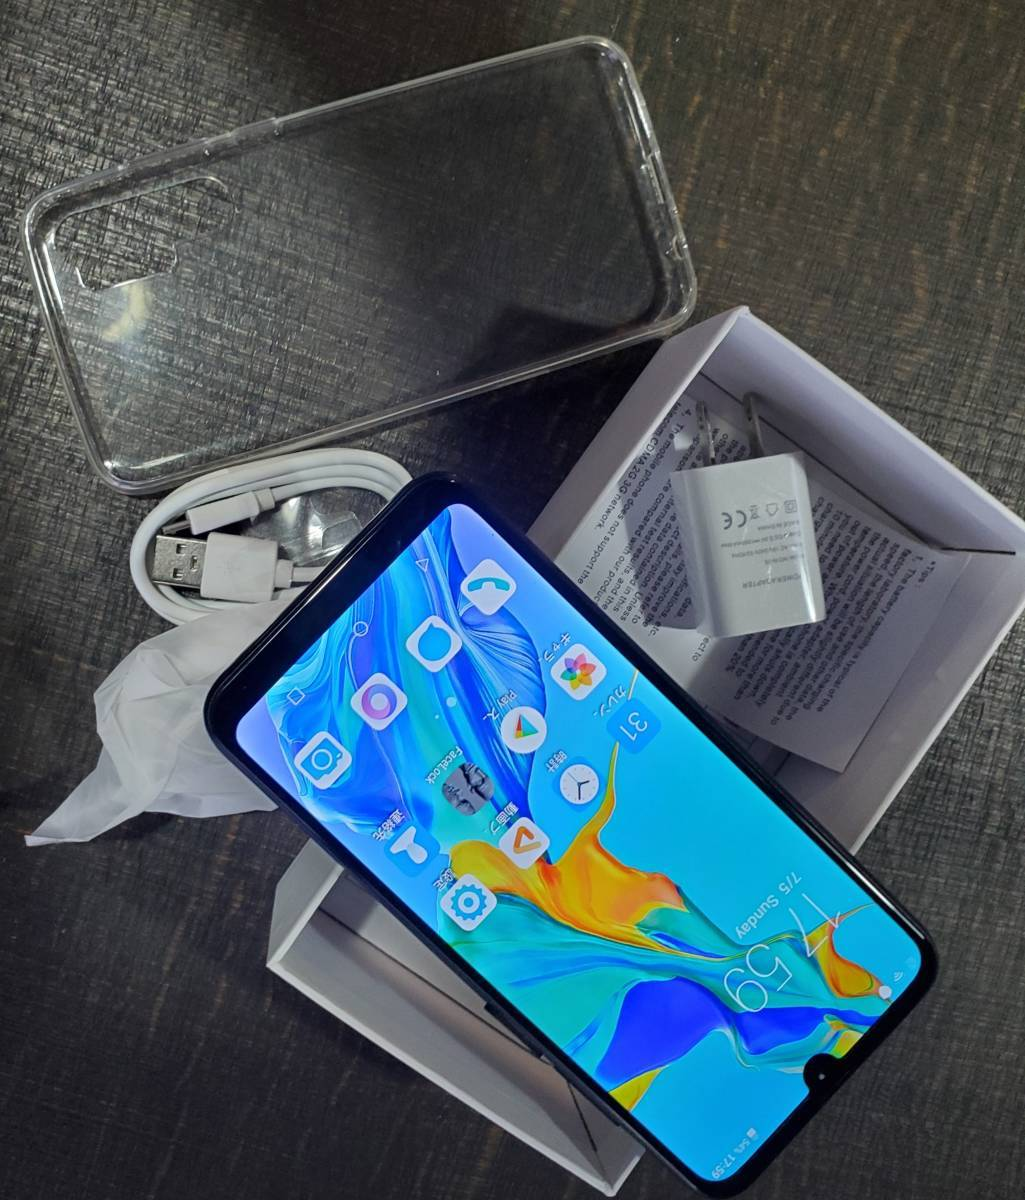 P30Proスマートフォン_画像1